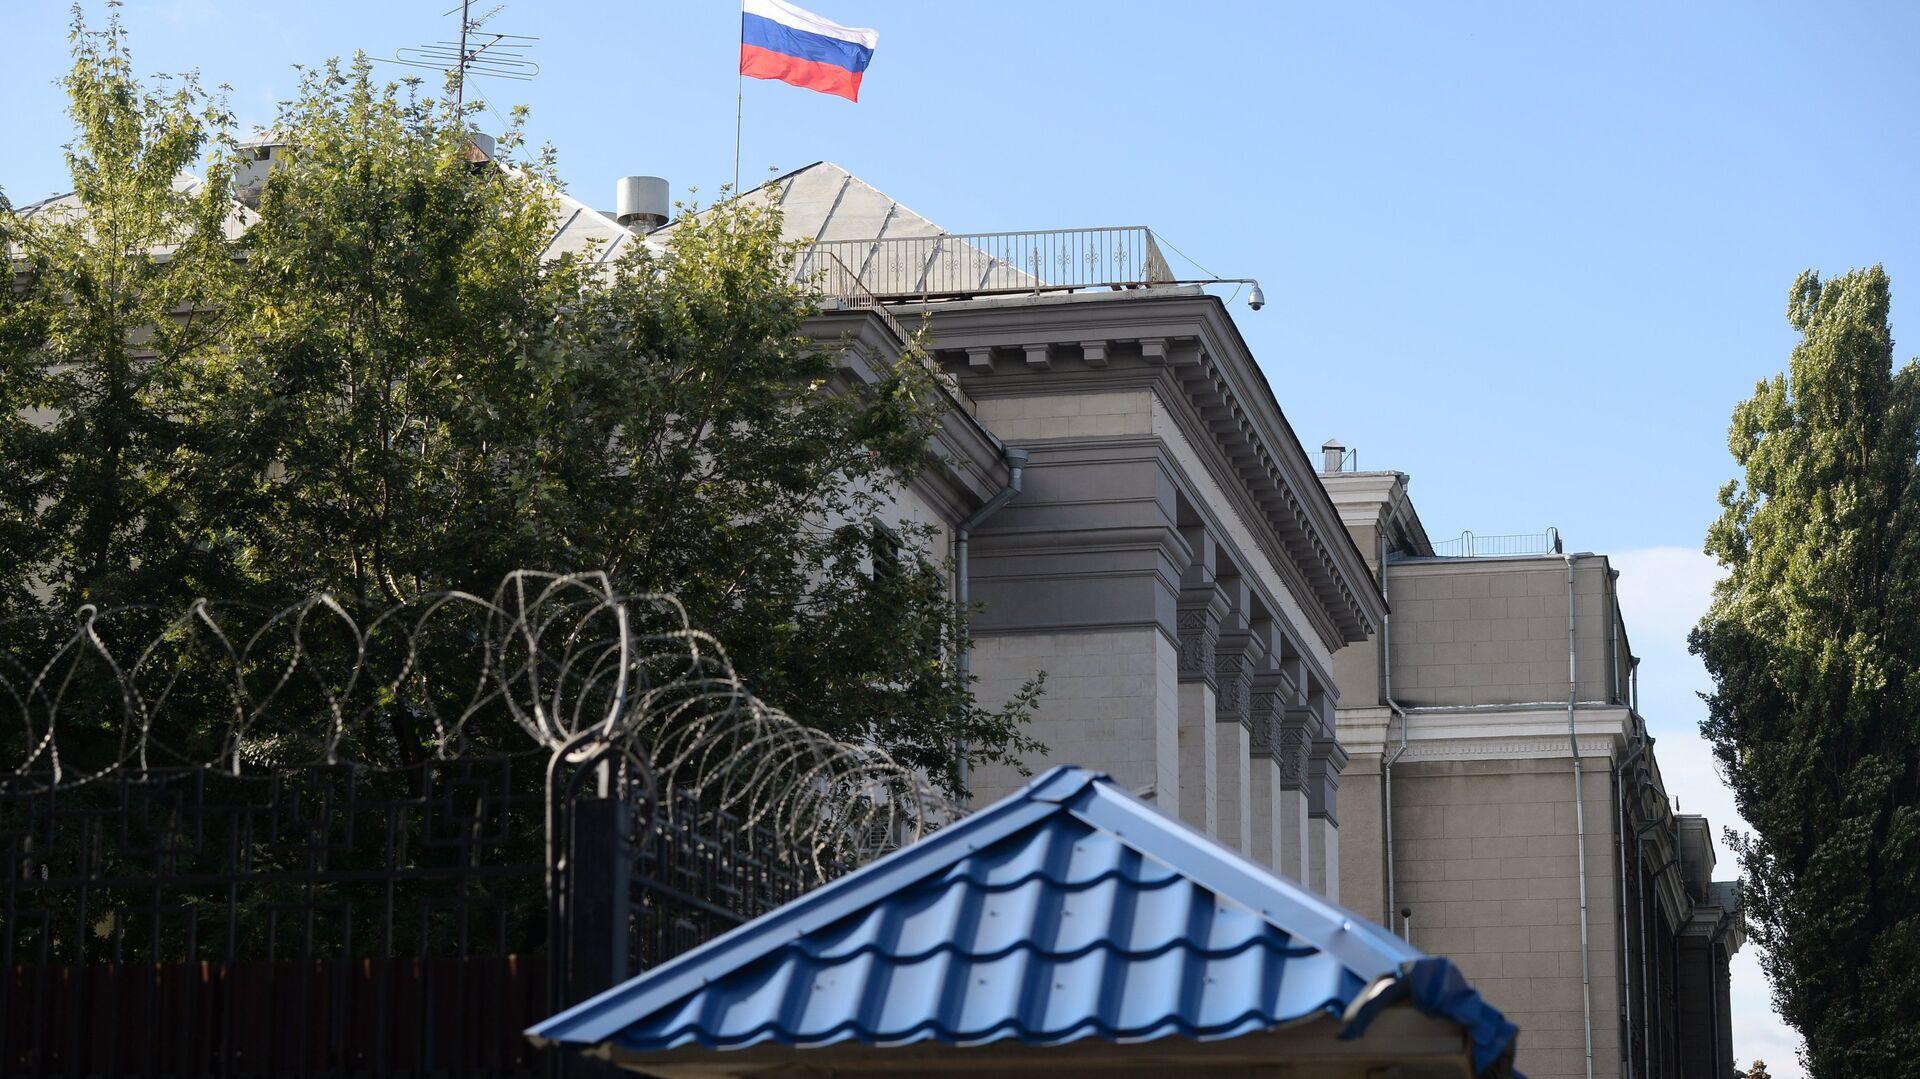 Здание посольства Российской Федерации в Киеве, где проходят выборы в единый день голосования. 18 сентября 2016 - РИА Новости, 1920, 28.10.2020